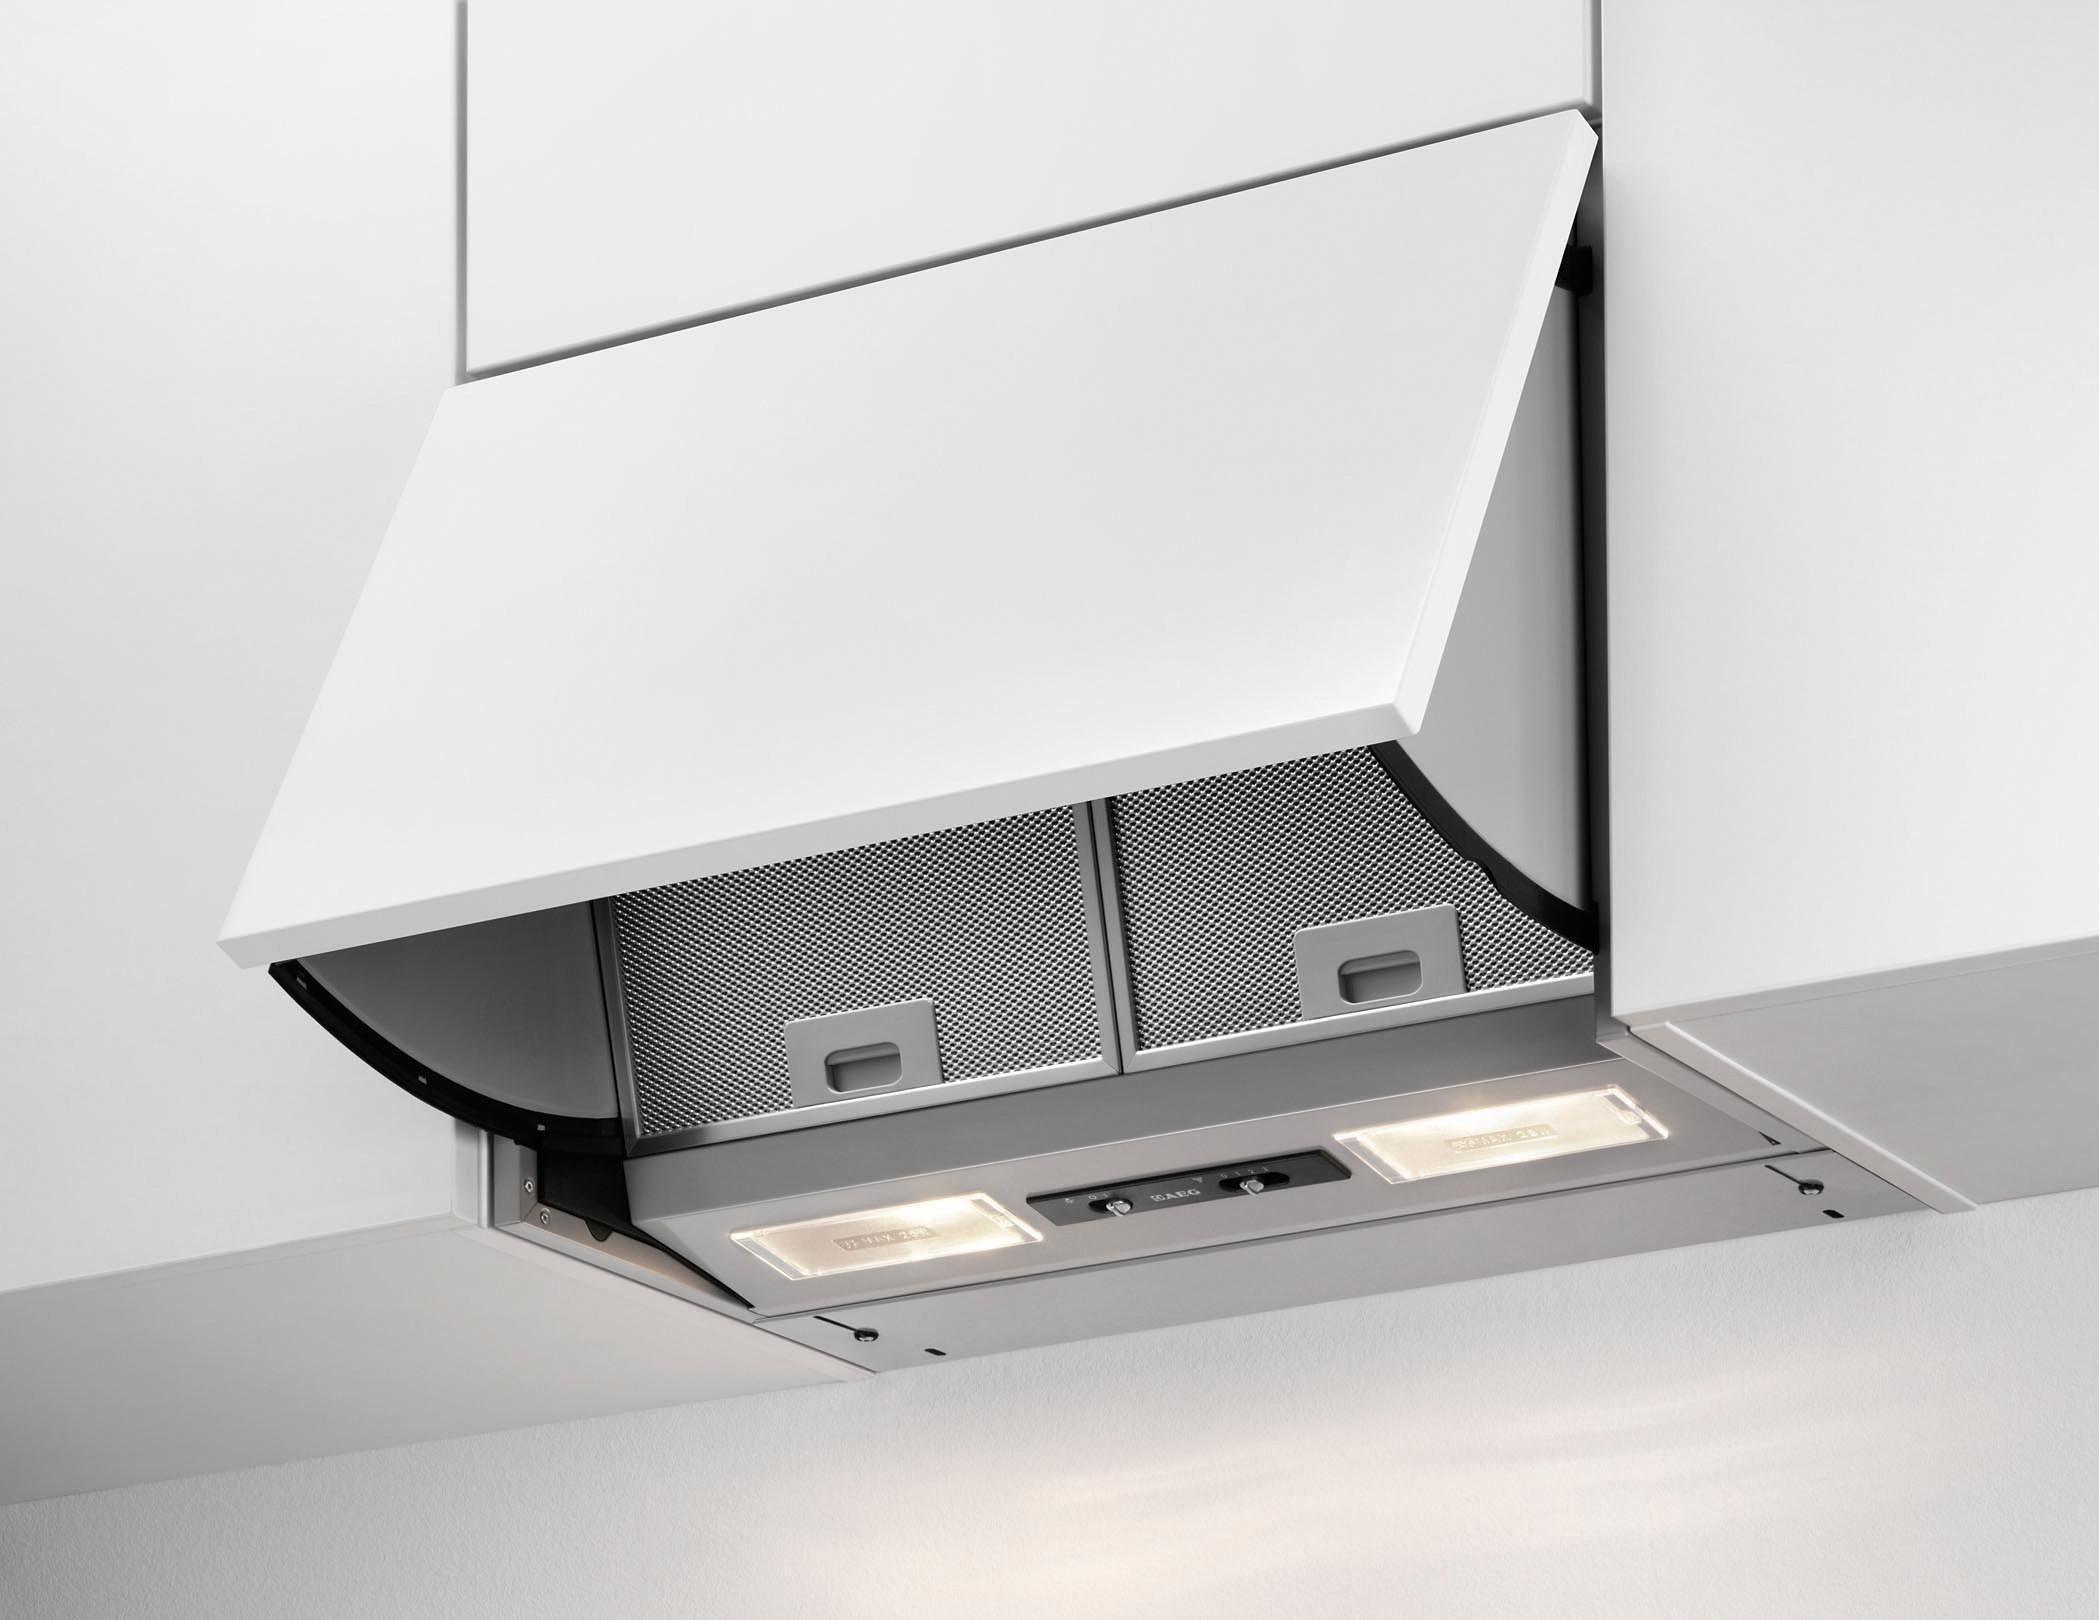 Aeg Kühlschrank Montageanleitung : Aeg zwischenbauhaube competence se d otto